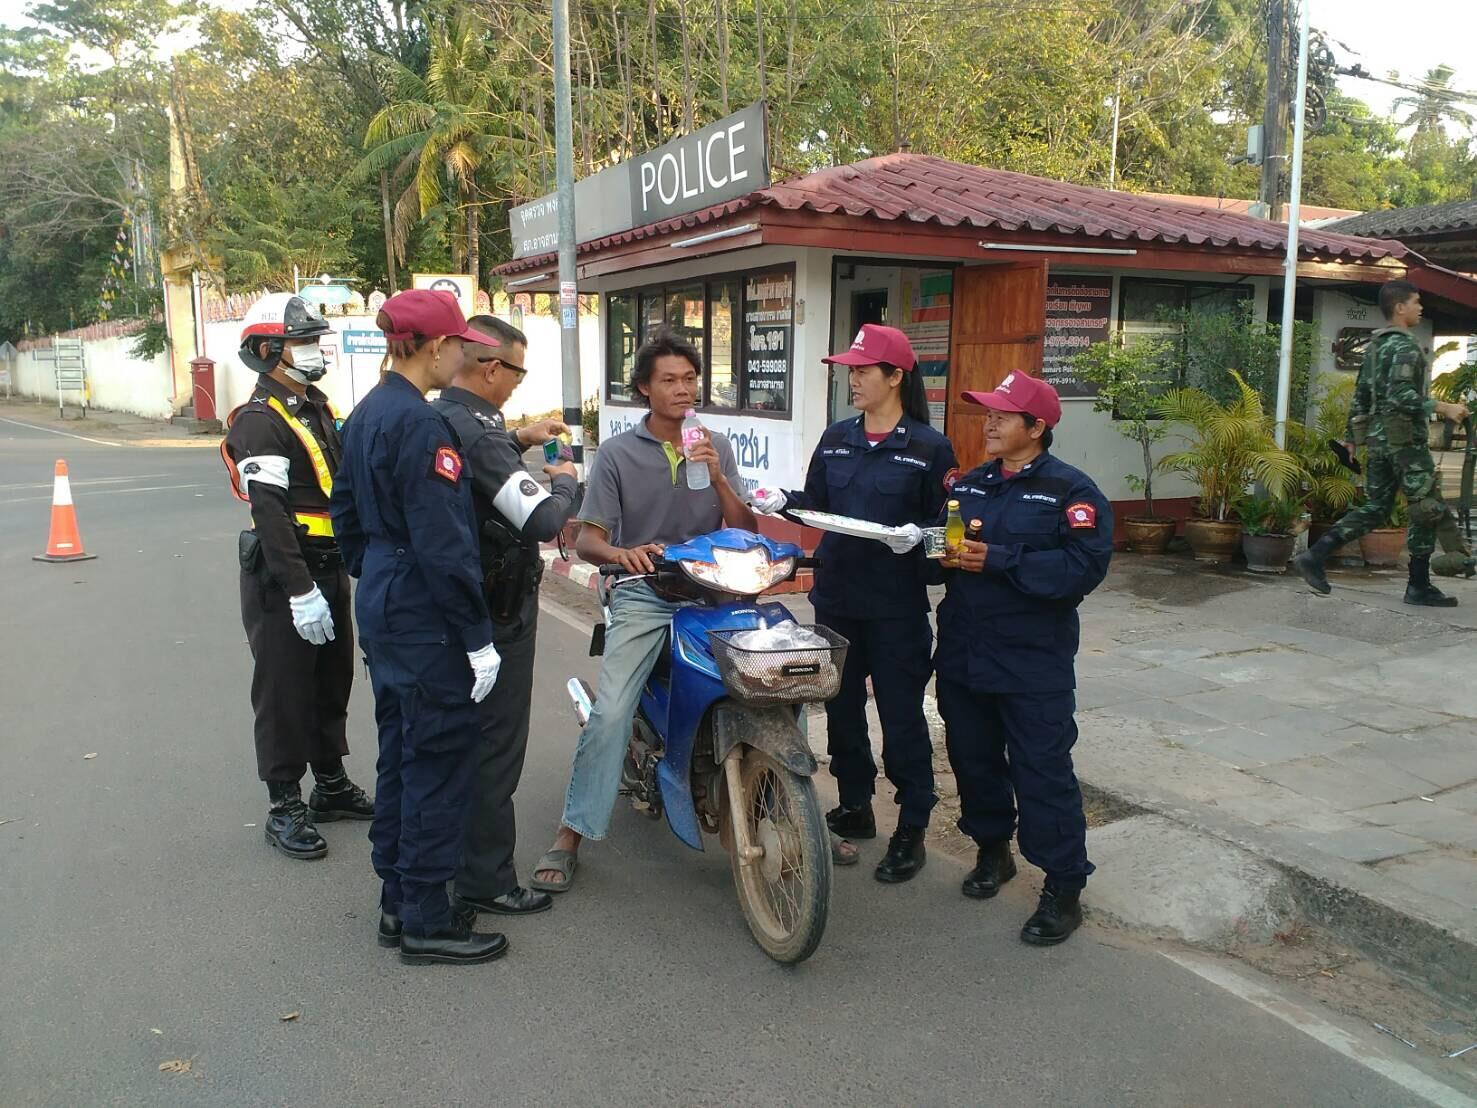 สสส. - ตำรวจภูธรภาค 4 หนุนกองร้อยน้ำหวาน ช่วยภารกิจสู้โควิด-19 thaihealth